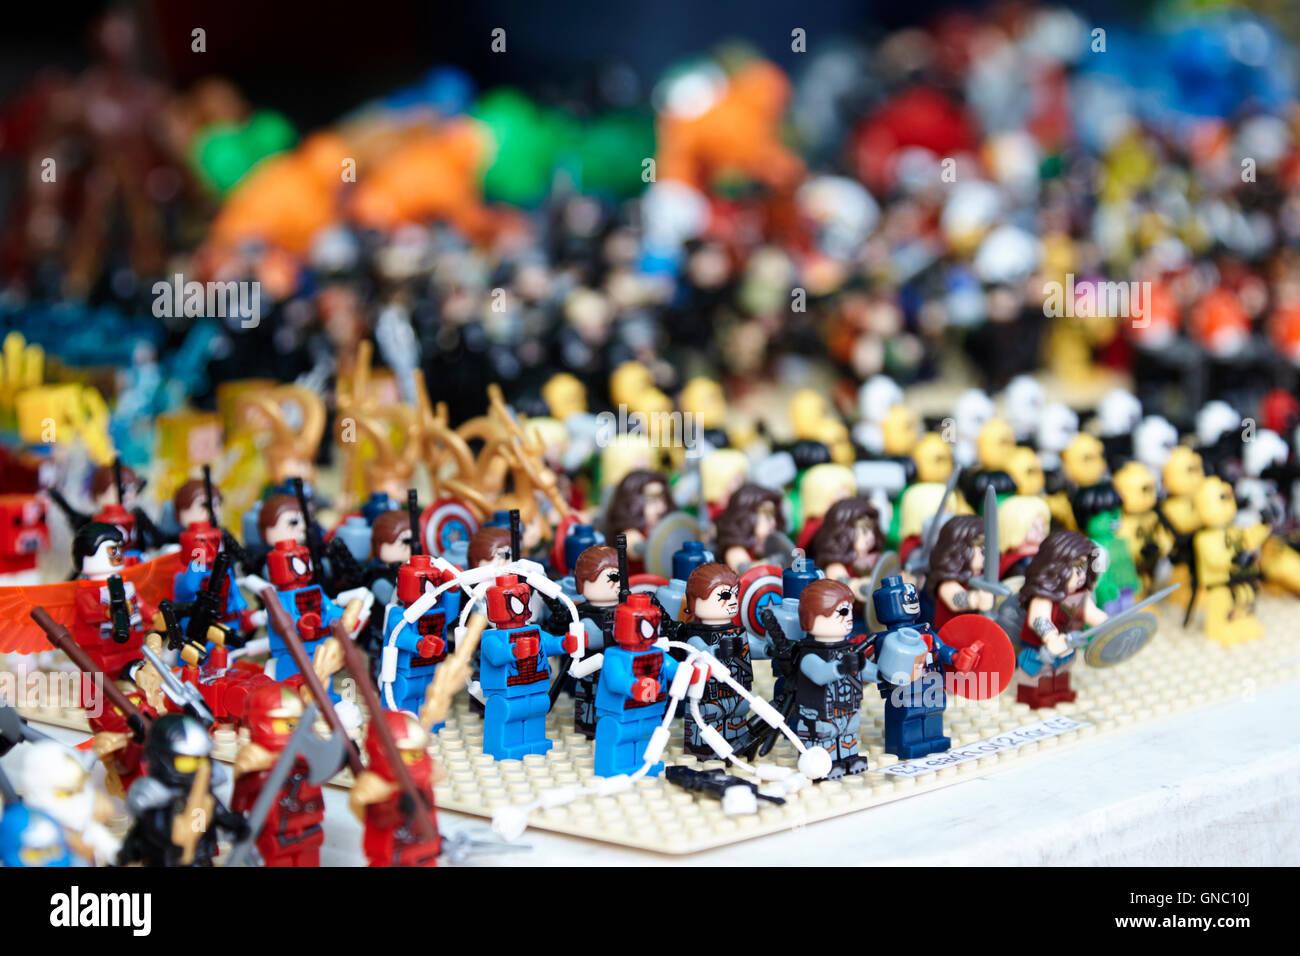 Reihen von Lego-Figuren für den Verkauf auf einen Stand auf einer Messe Sammler Stockbild